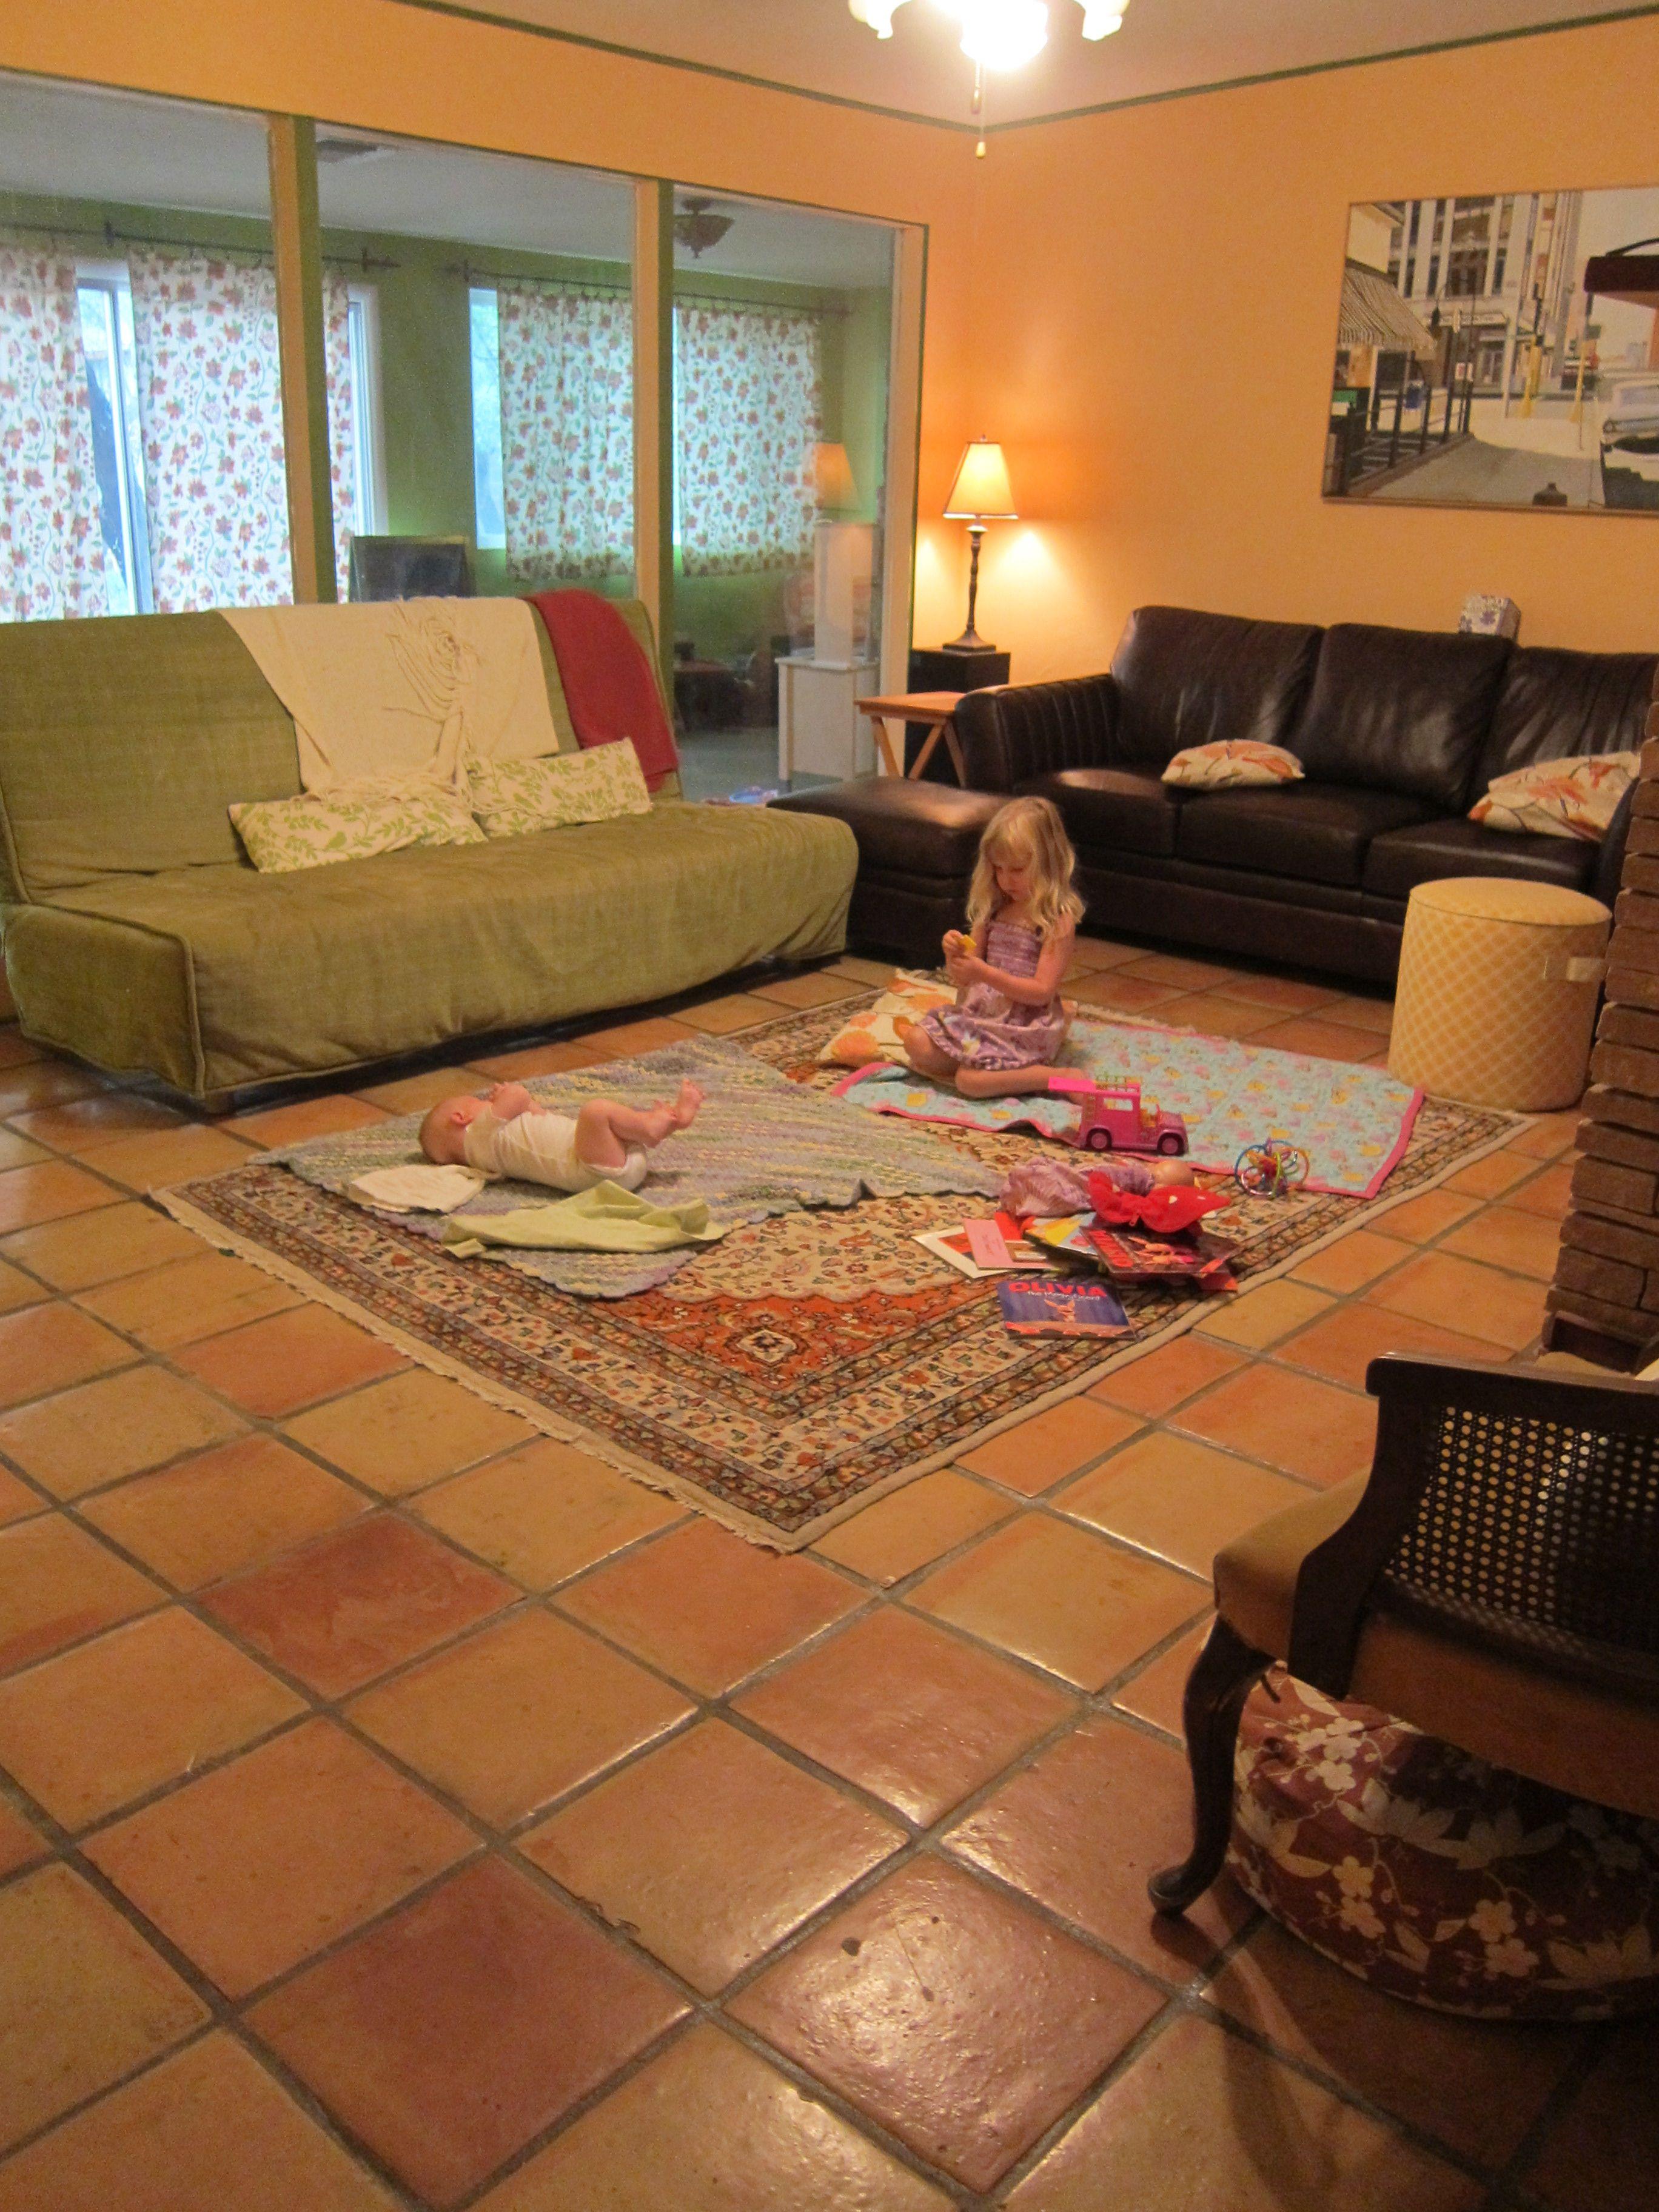 livingroomnocoffeetablelivingroomtablehome